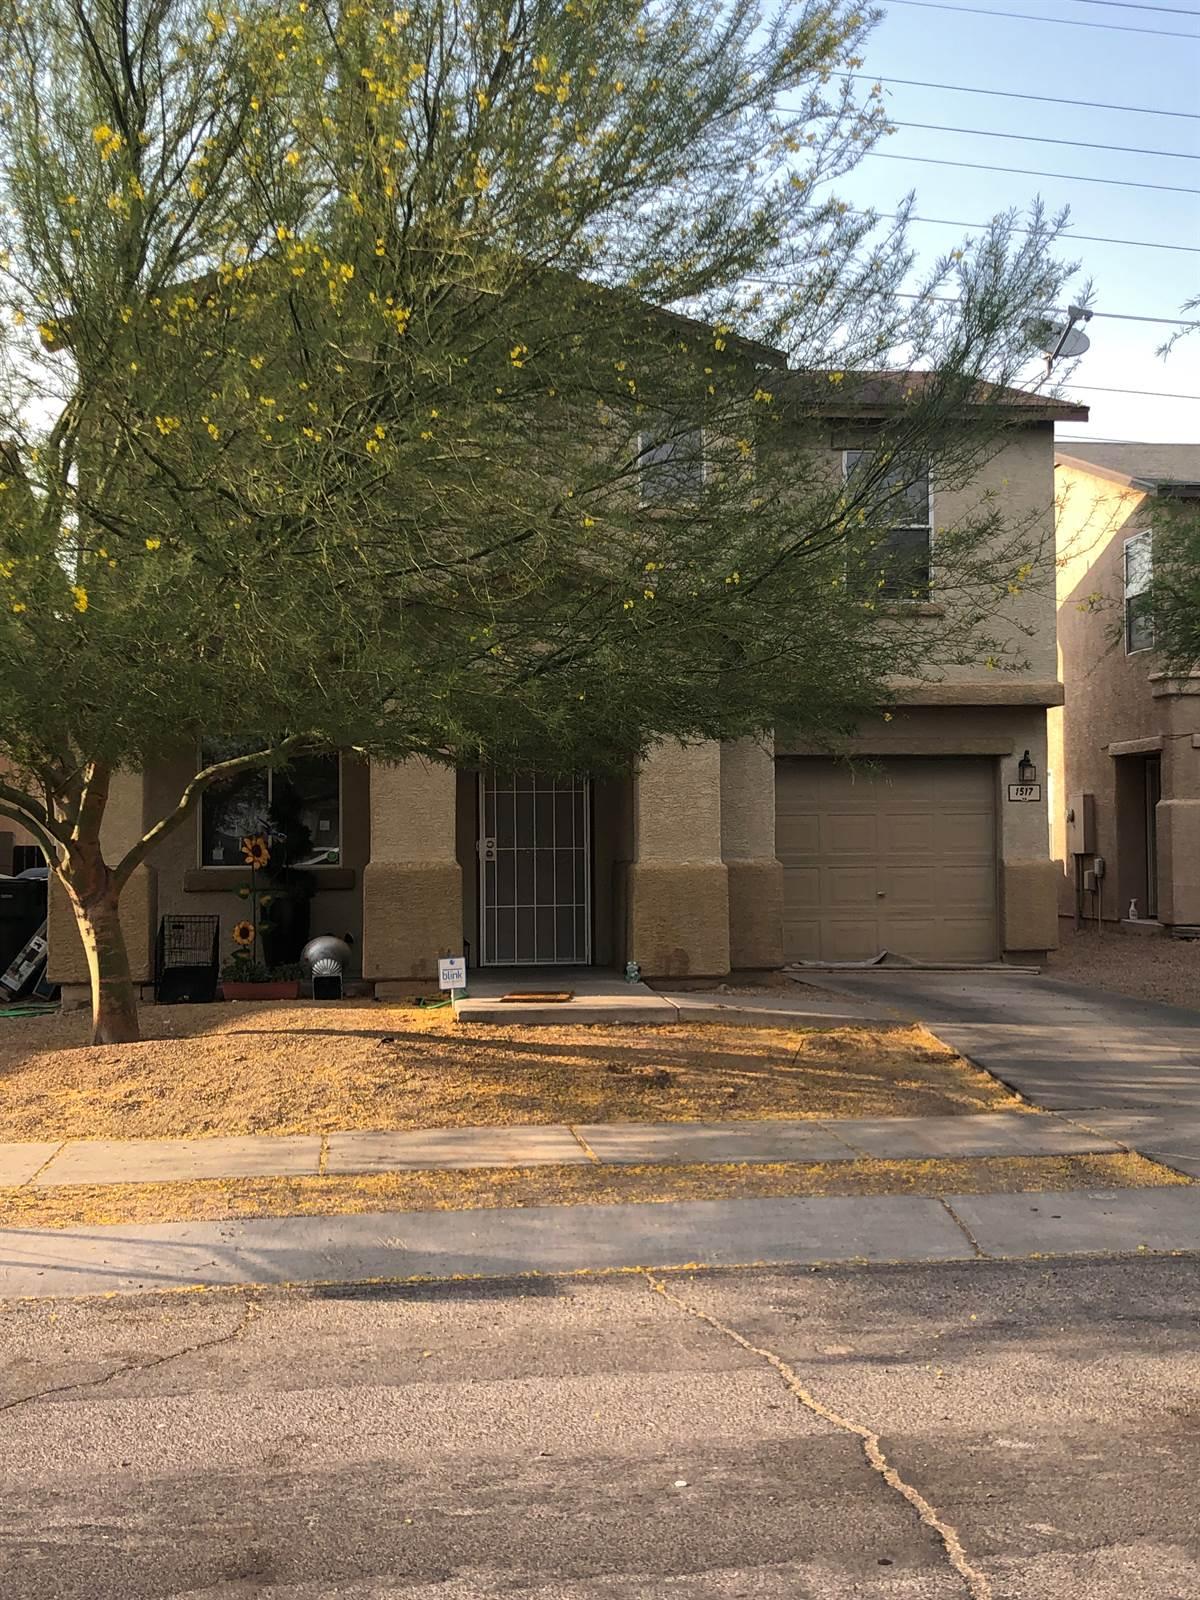 1517 E Wedwick St, Tucson, AZ 85706